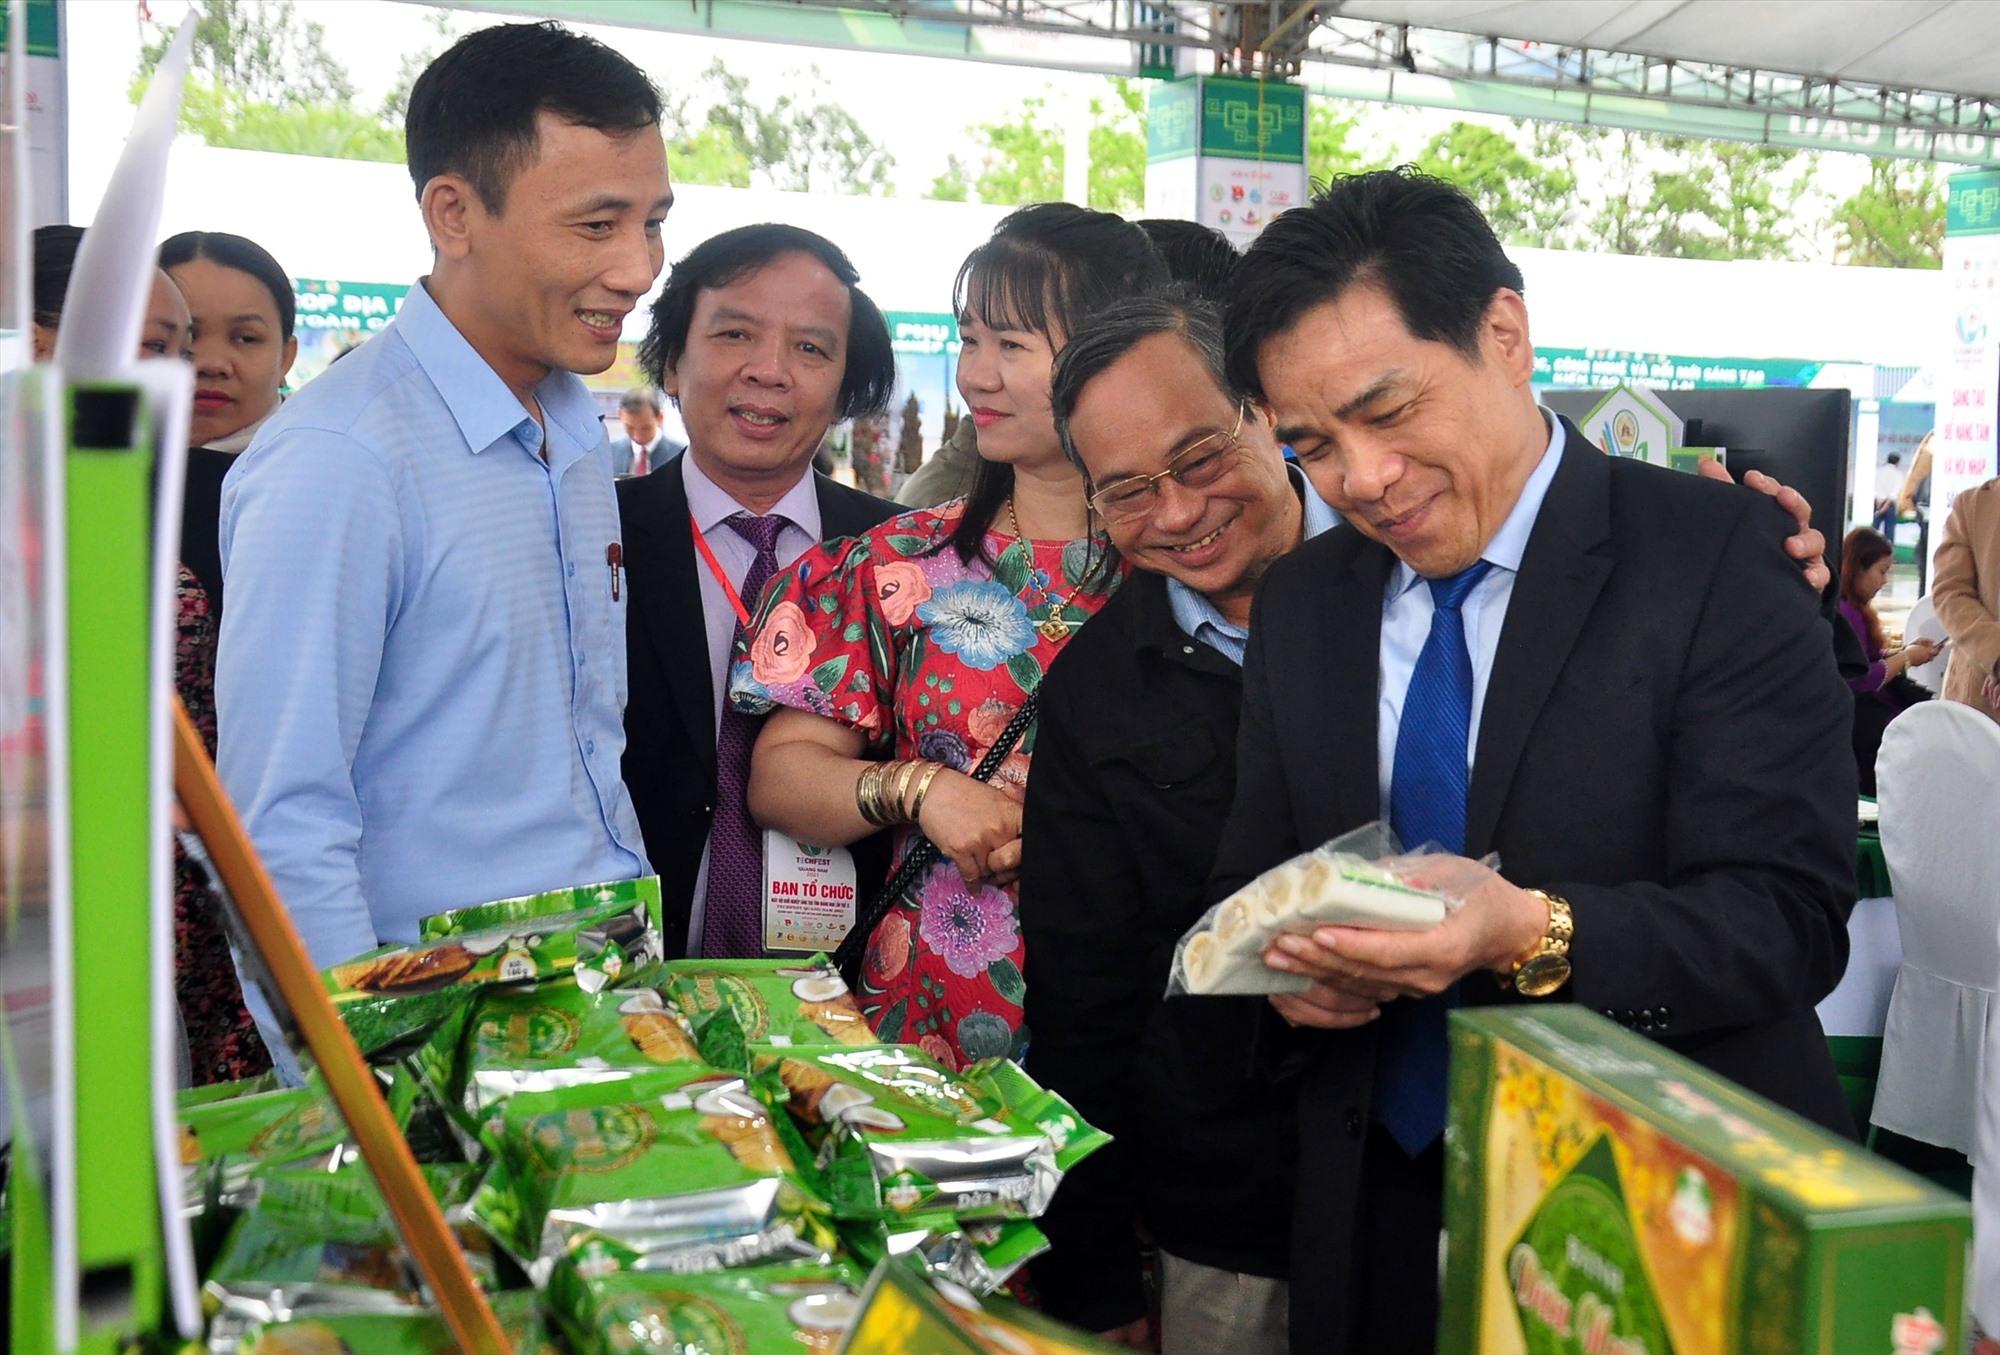 Phó Bí thư Thường trực Tỉnh ủy Lê Văn Dũng thăm các gian hàng giới thiệu sản phẩm tại sự kiện. Ảnh: C.V